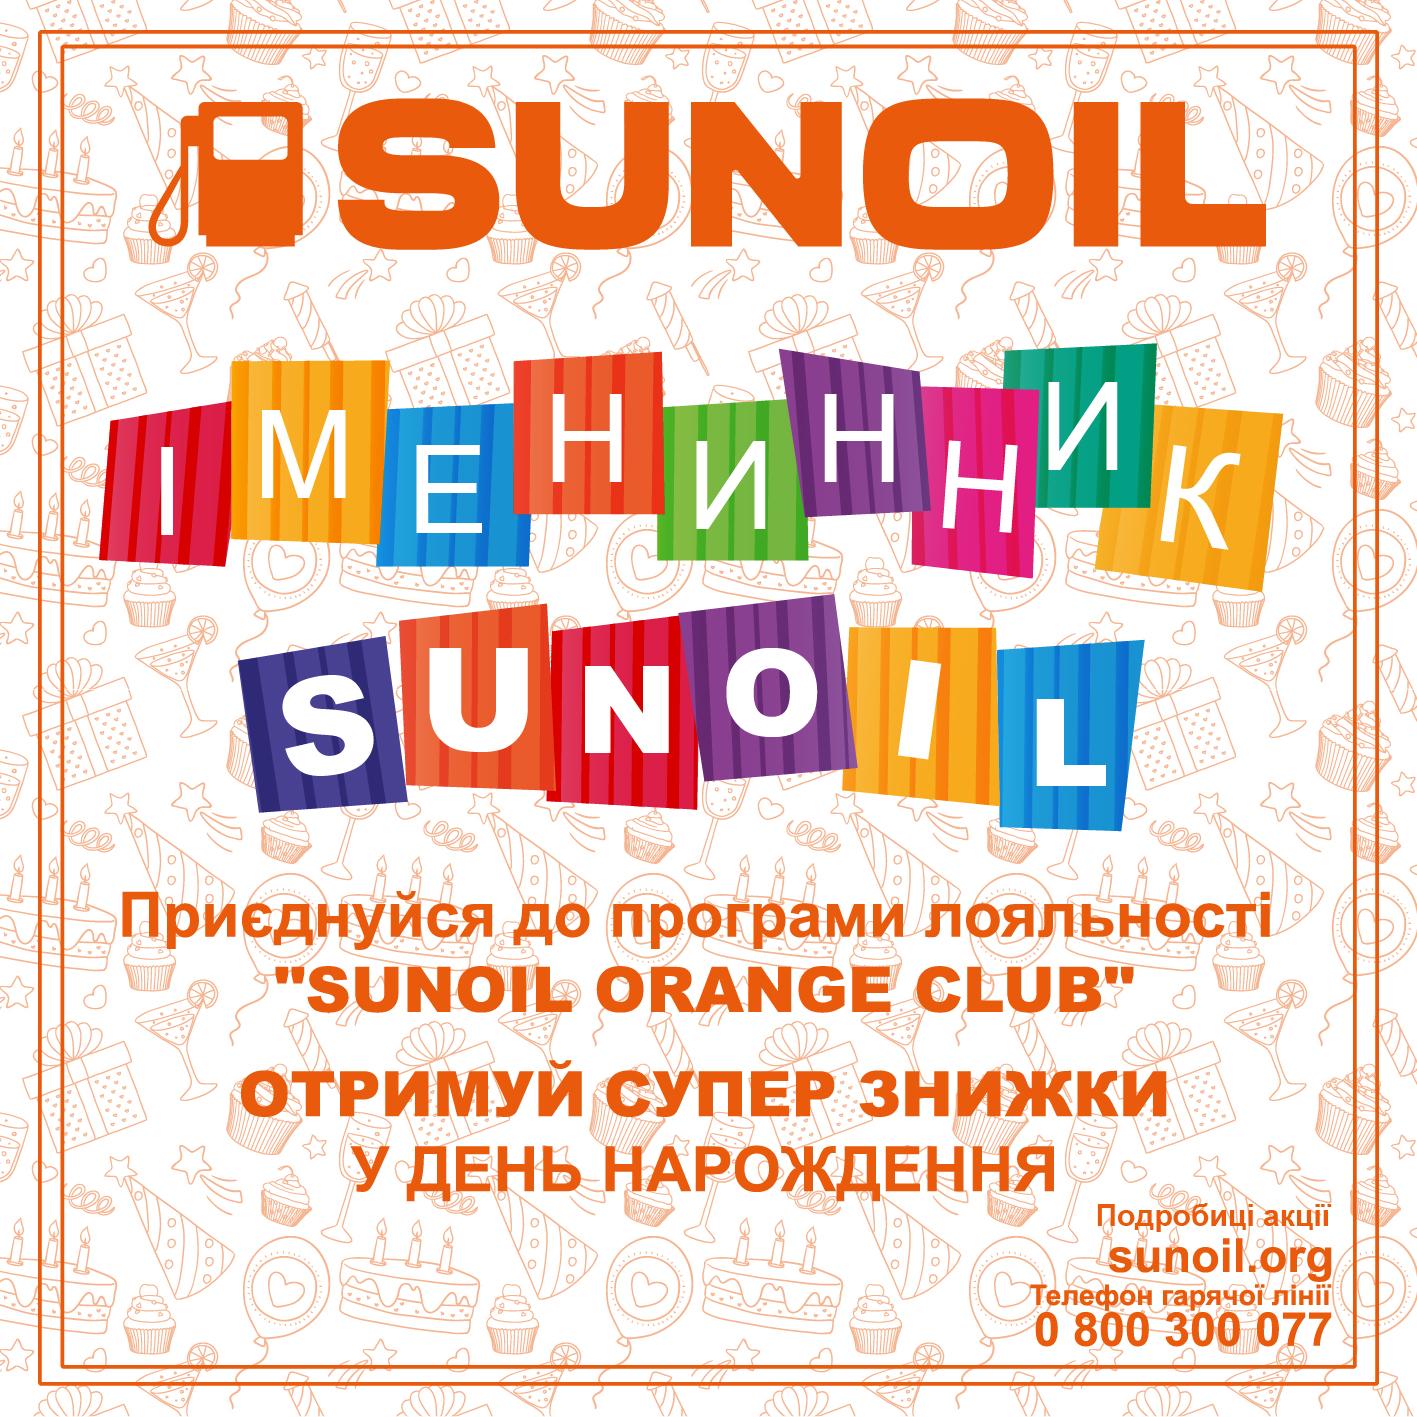 """""""OilNews"""": Маркетинг: SUN OIL дарує знижки до дня народження"""